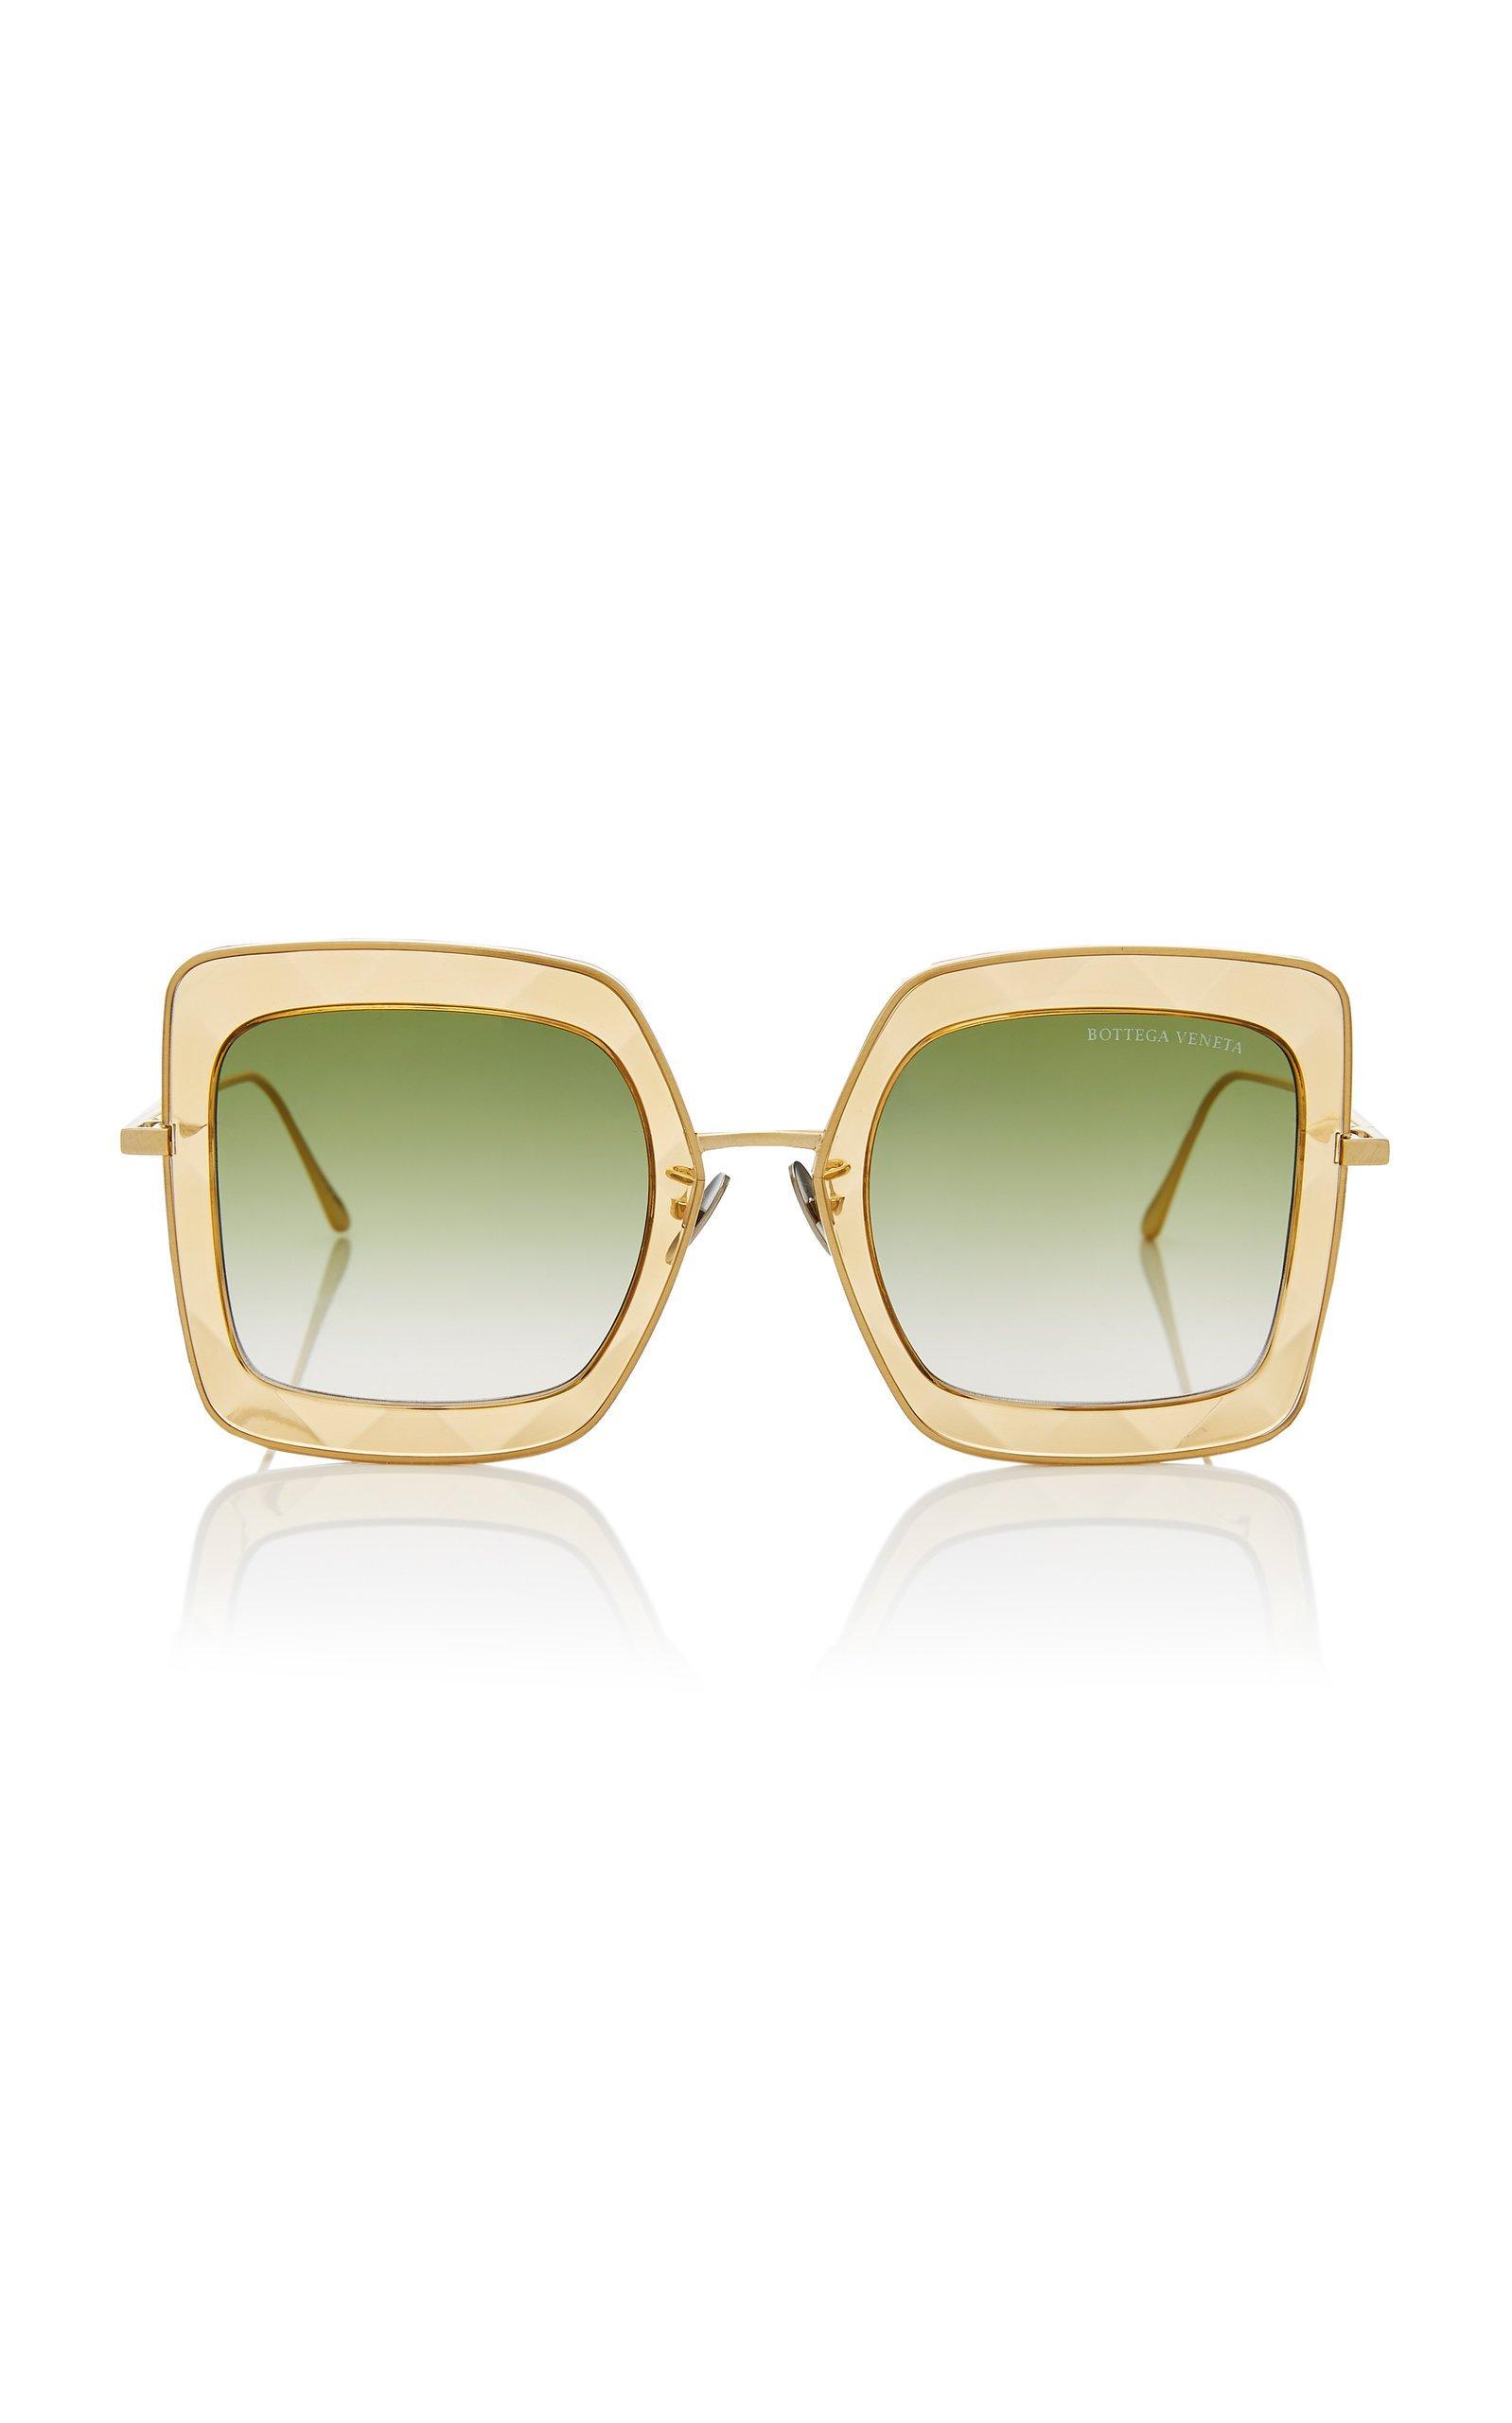 Bottega Veneta Oversized Square Sunglasses